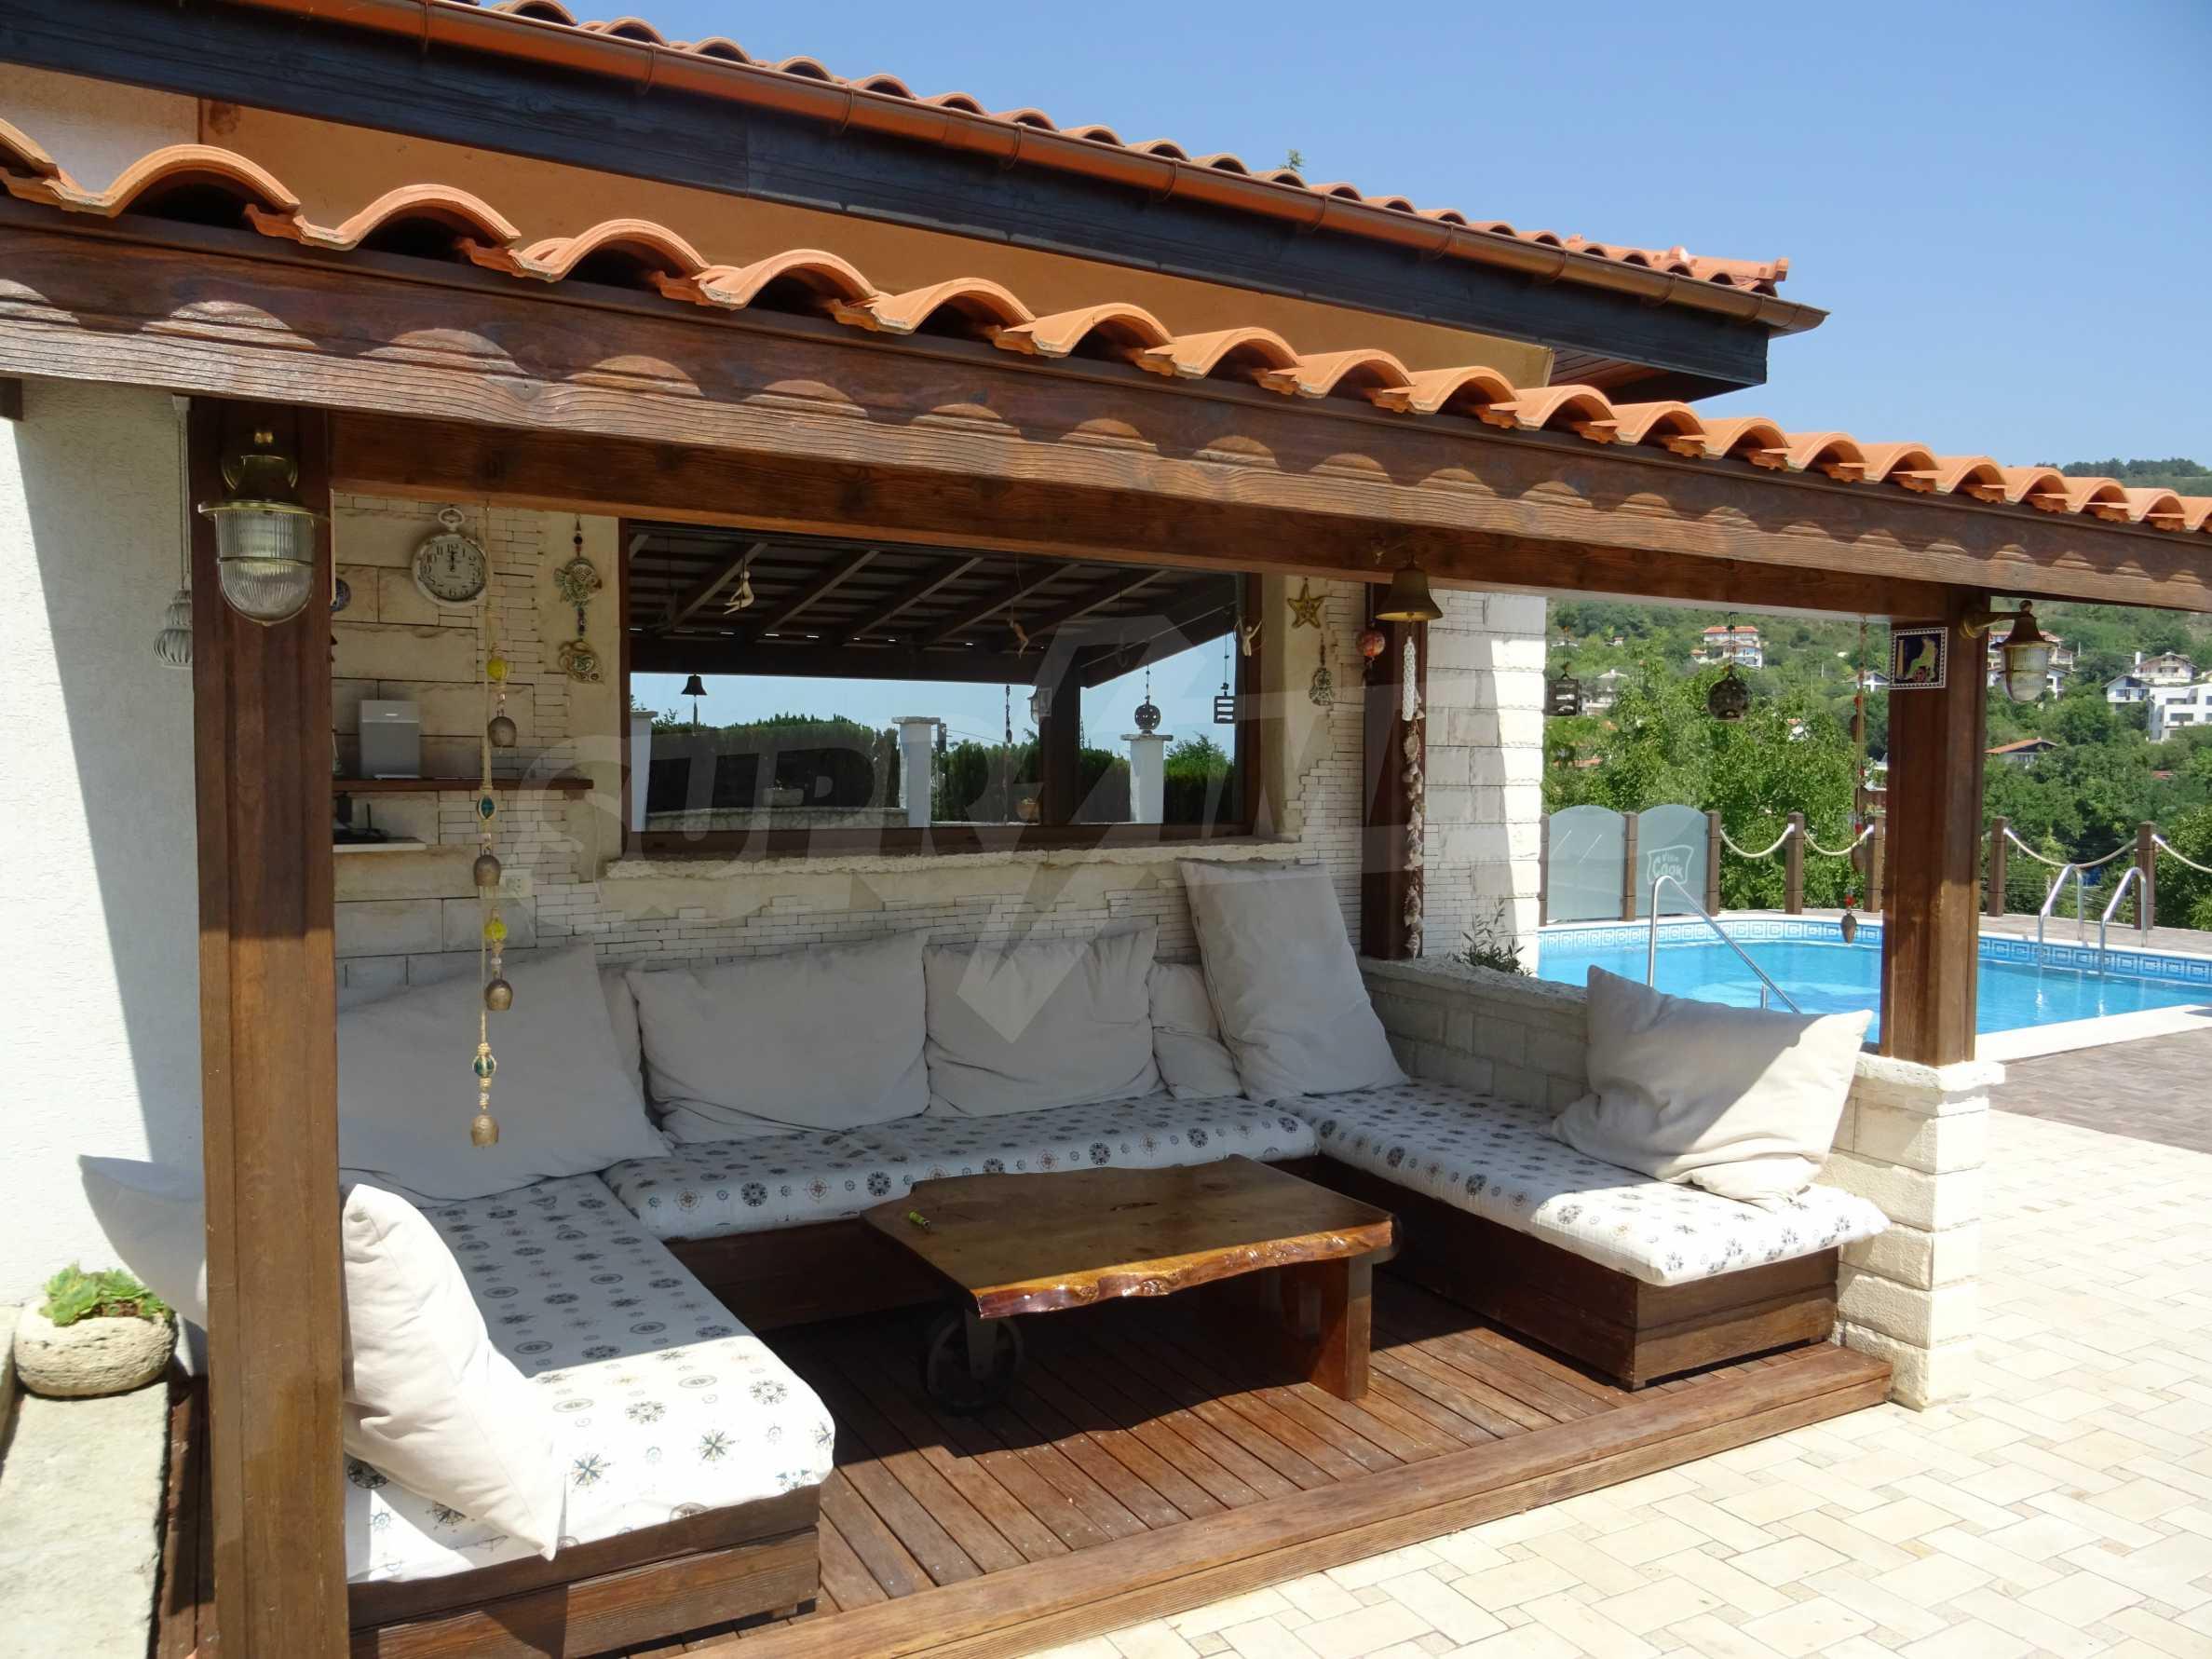 Mediterraner Stil - Luxus zum Sonderpreis 3